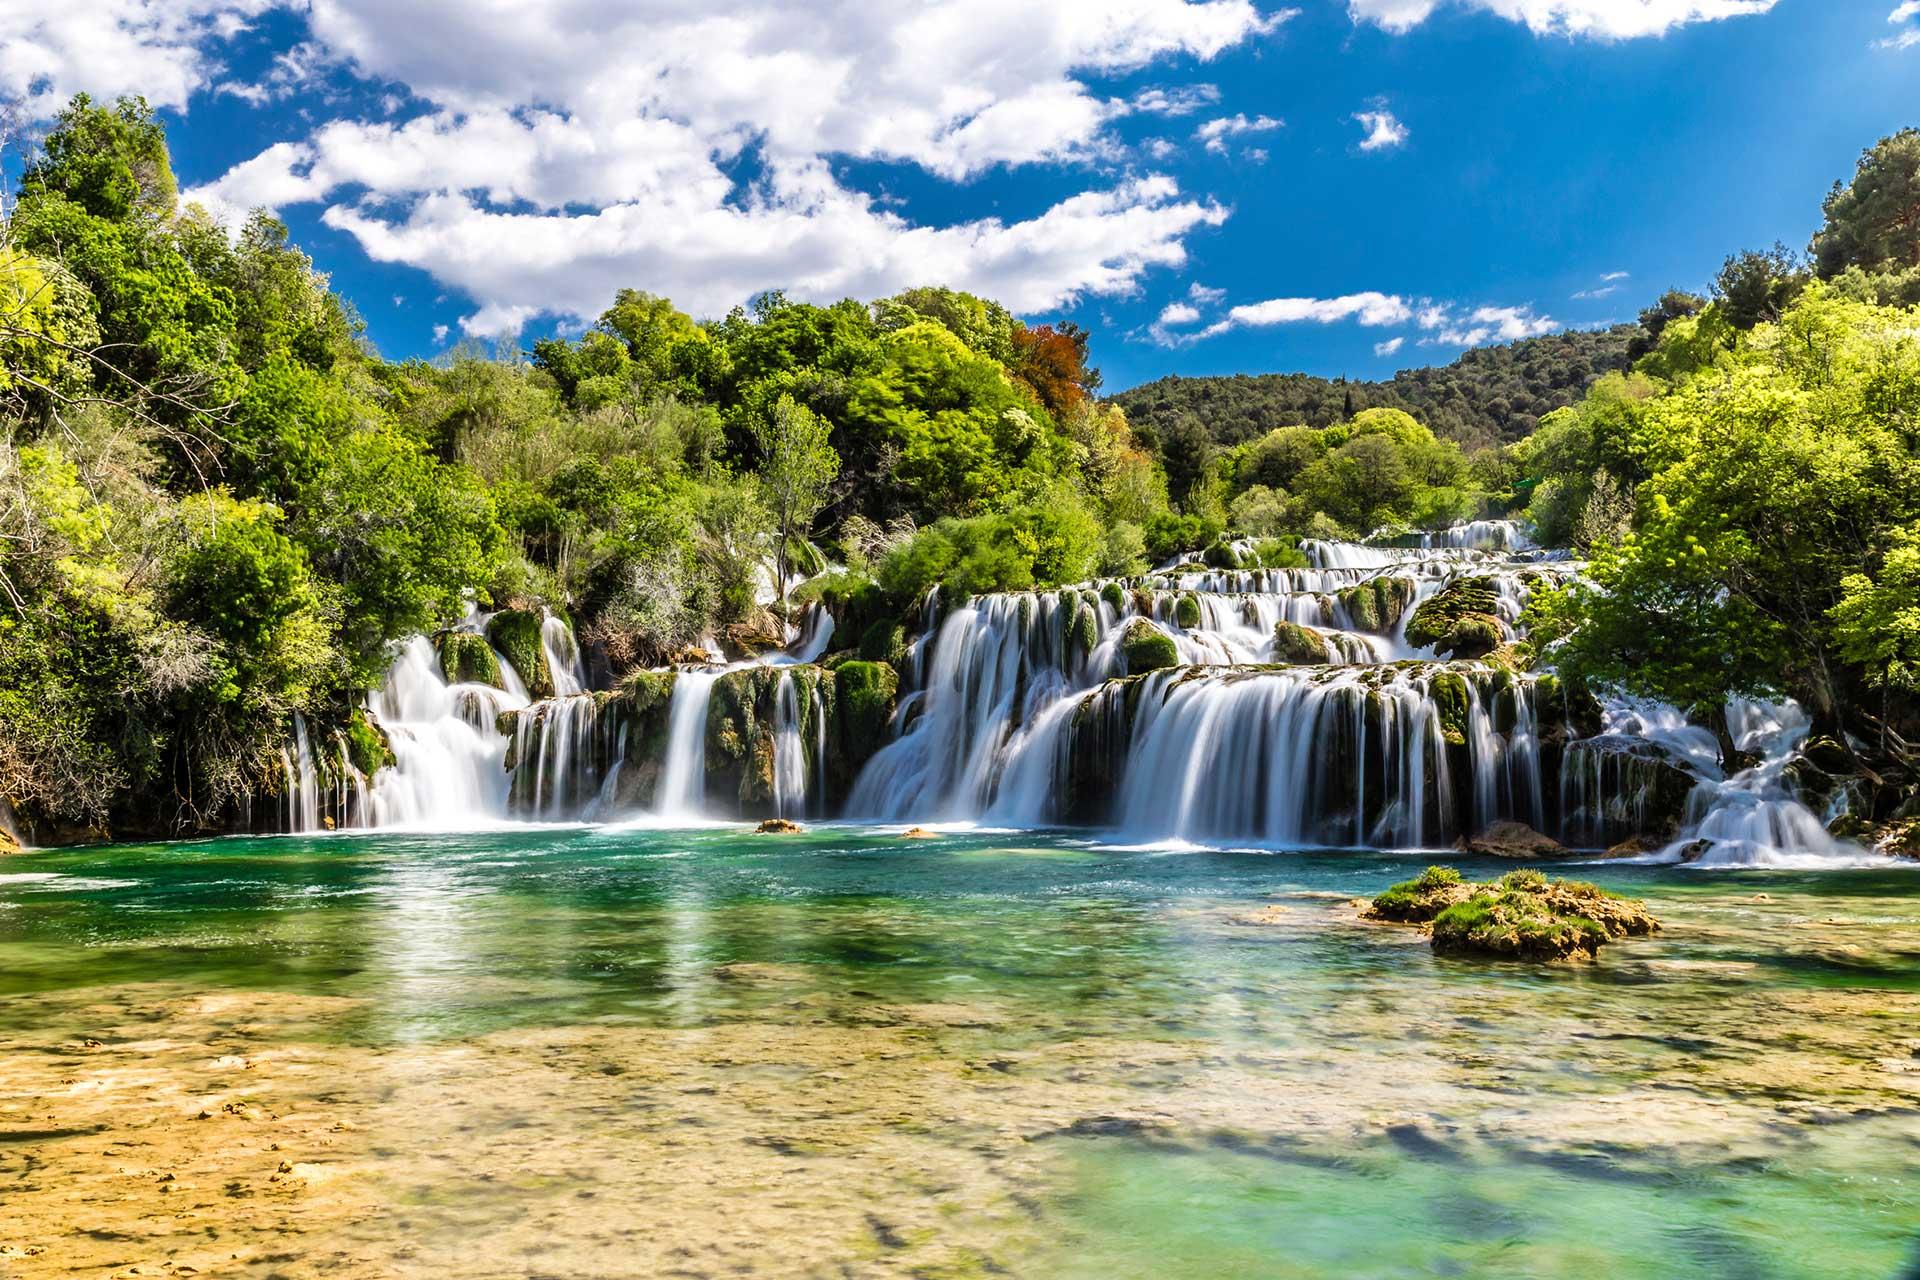 KRK Wasserfälle Kroatien, (c) fotolia.com